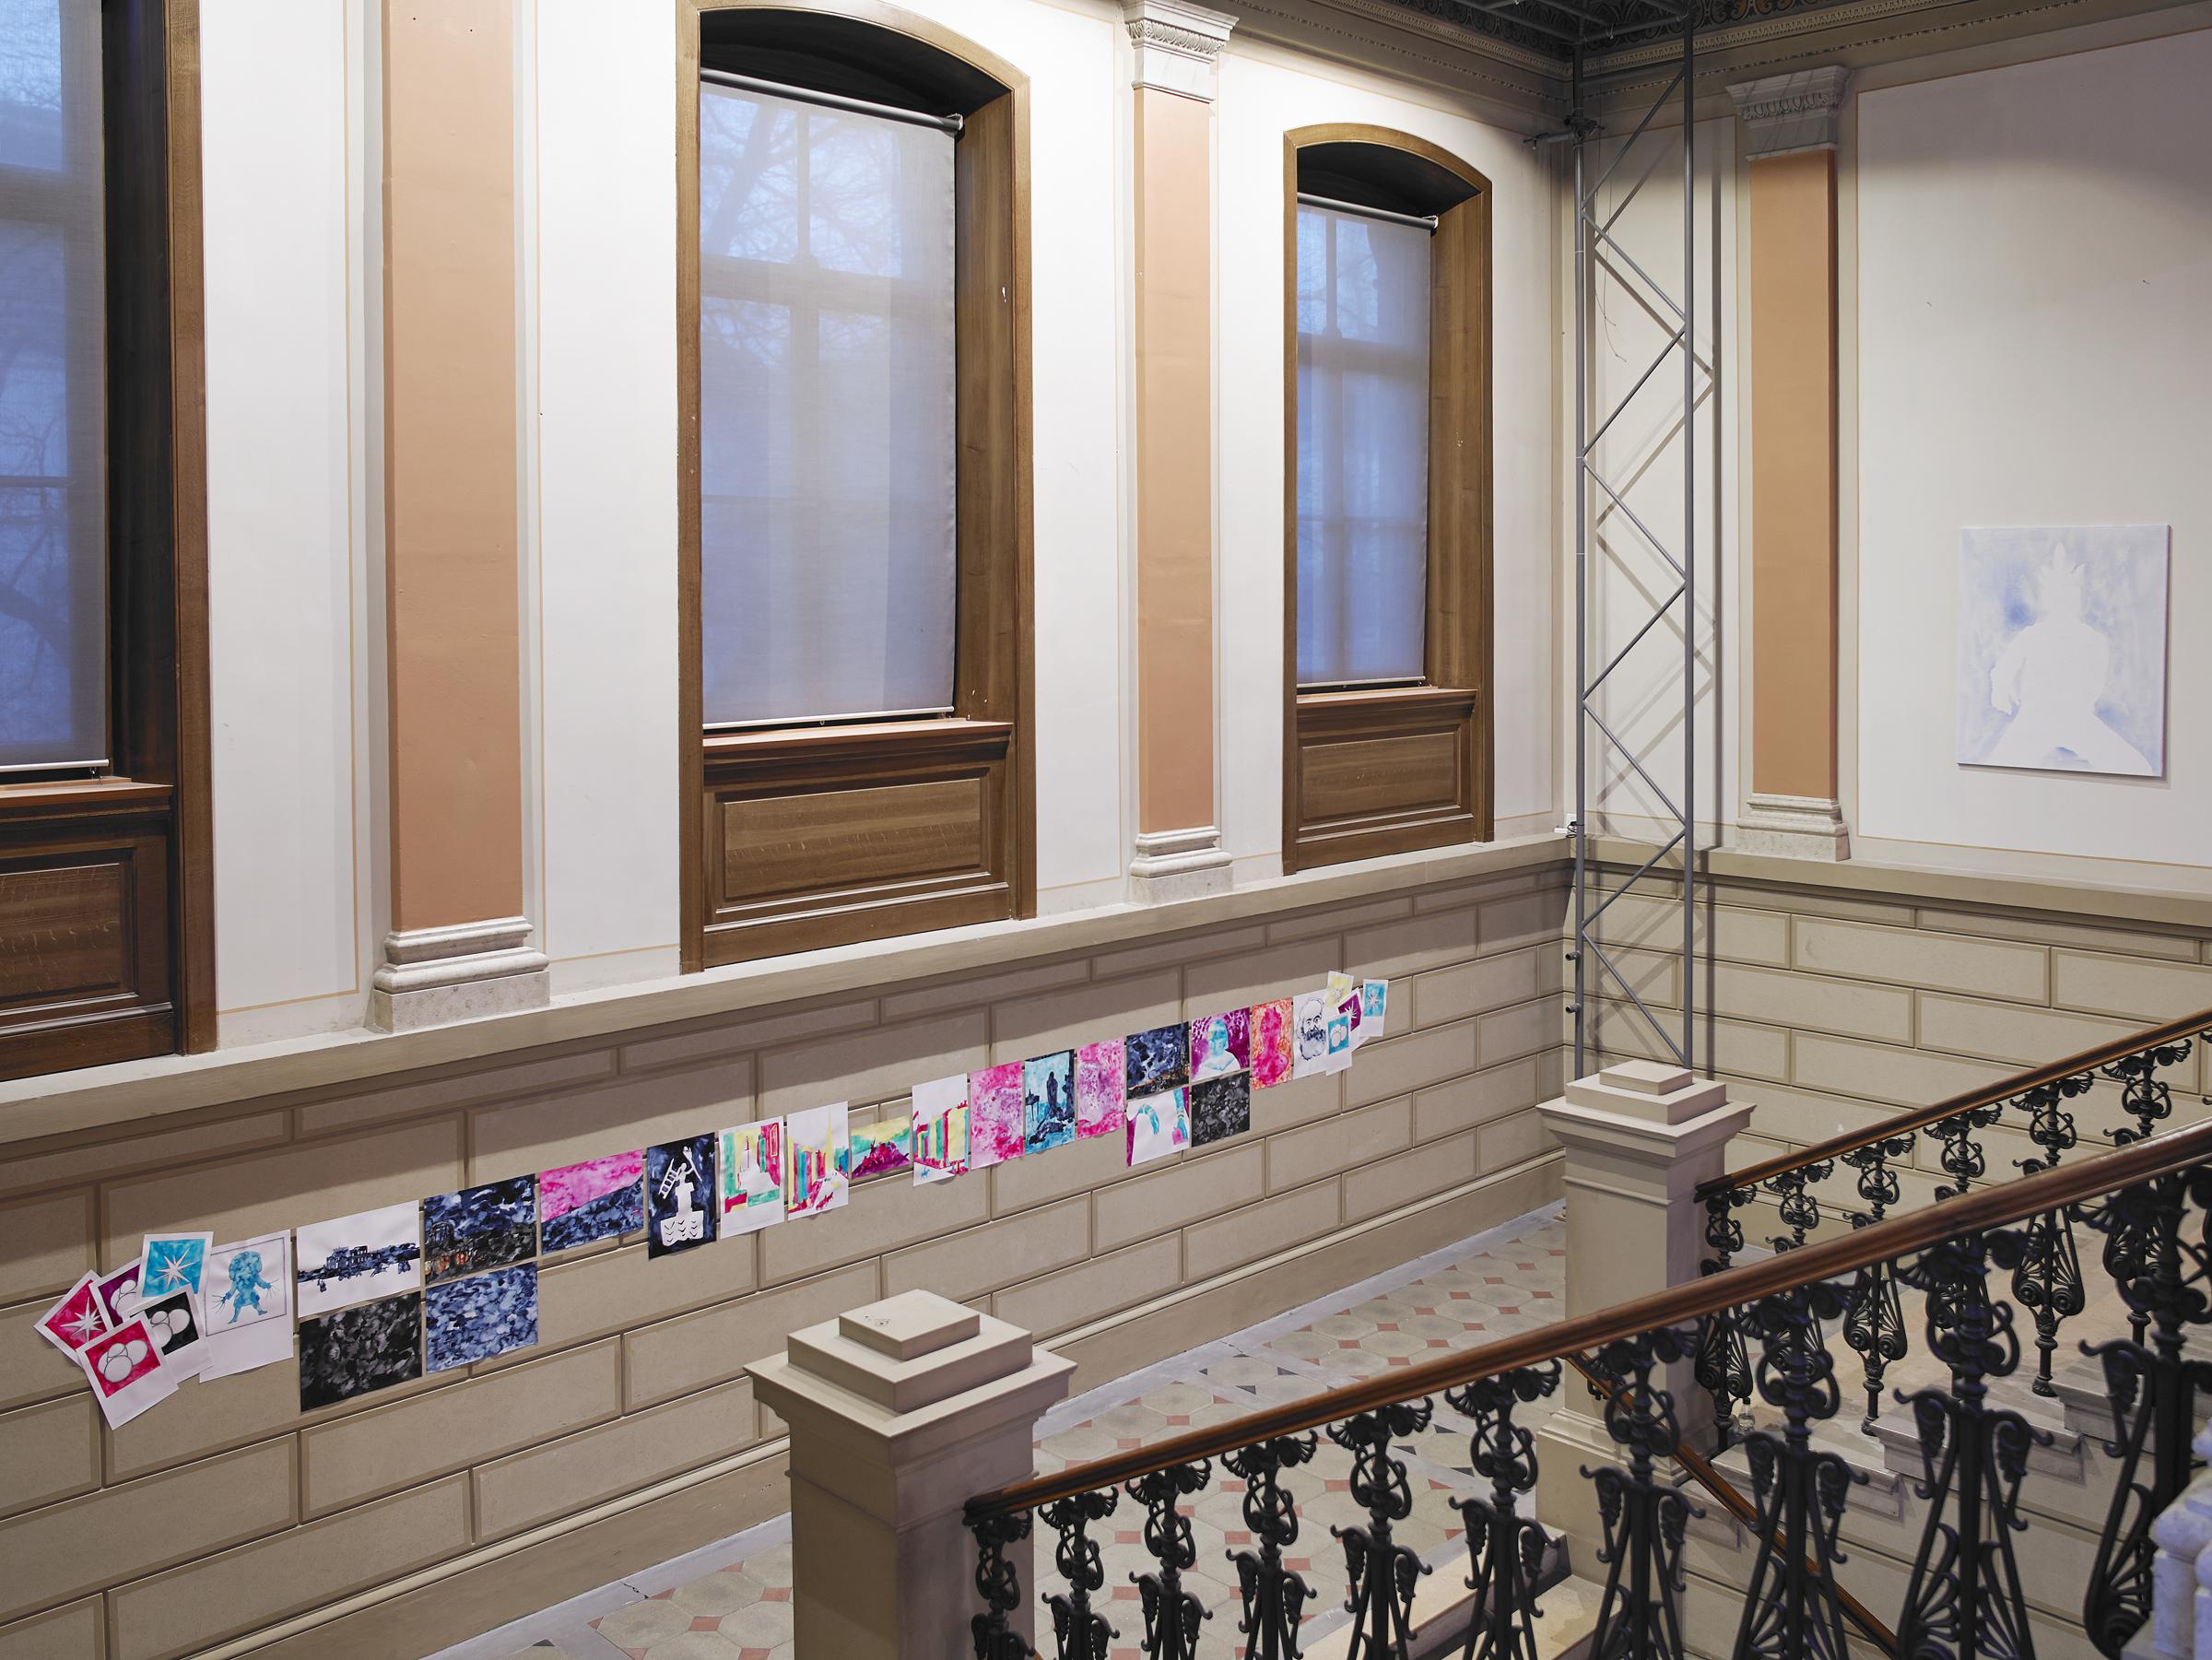 01_Manfred_Naescher_Nitroglyzerin_und_Chloroform__2015_Installationsansicht_Kunstmuseum_St.Gallen_Foto_Anna-Tina_Eberhard---Ansicht-von-oben-72dpi.jpg